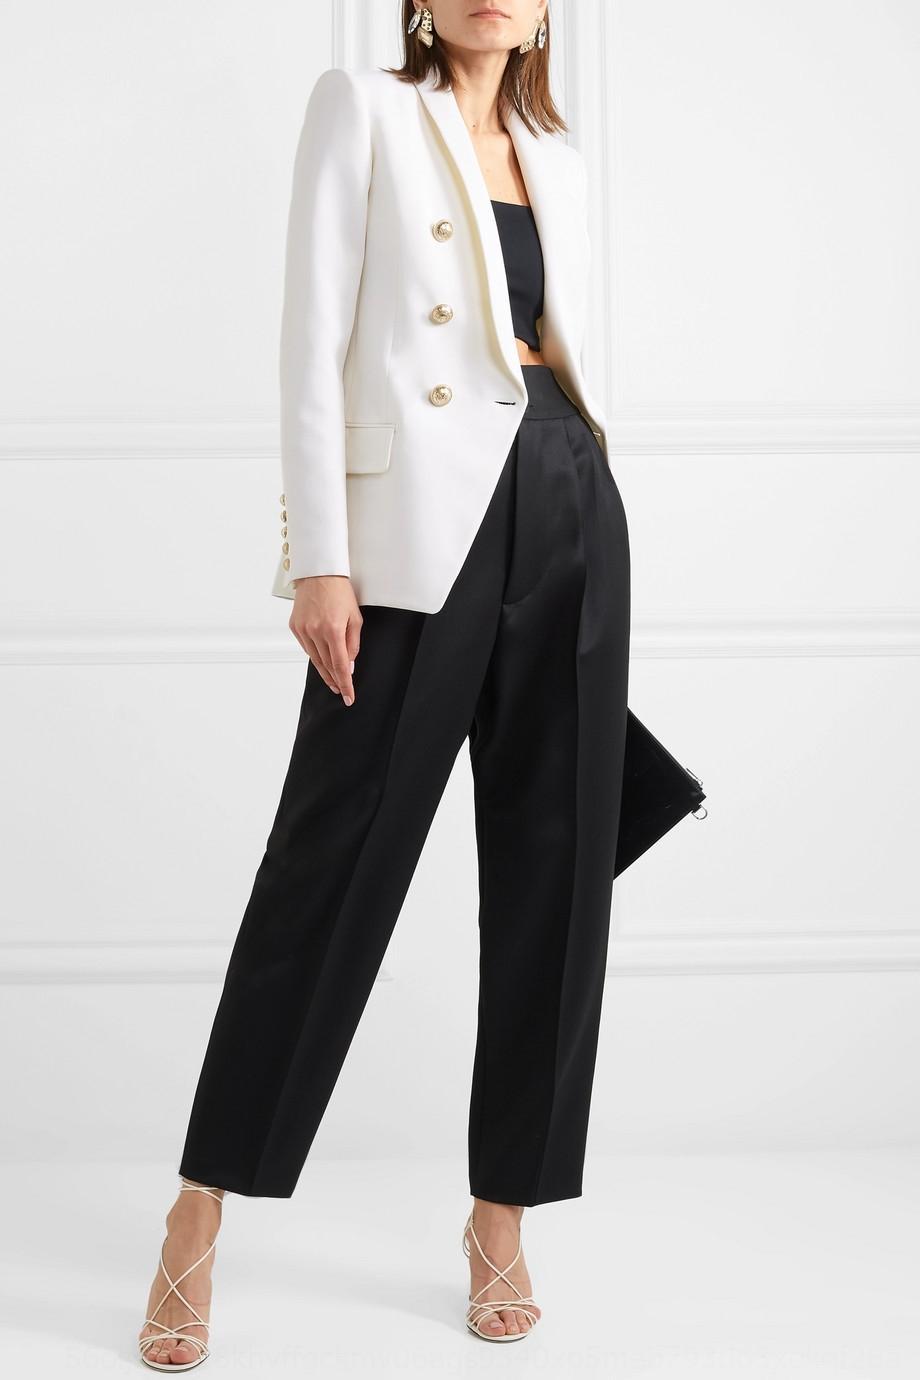 b8cdi 2019 primavera e l'autunno nuovo temperamento modo sottile giacca giacca abito bianco in grado tuta professionale per le donne